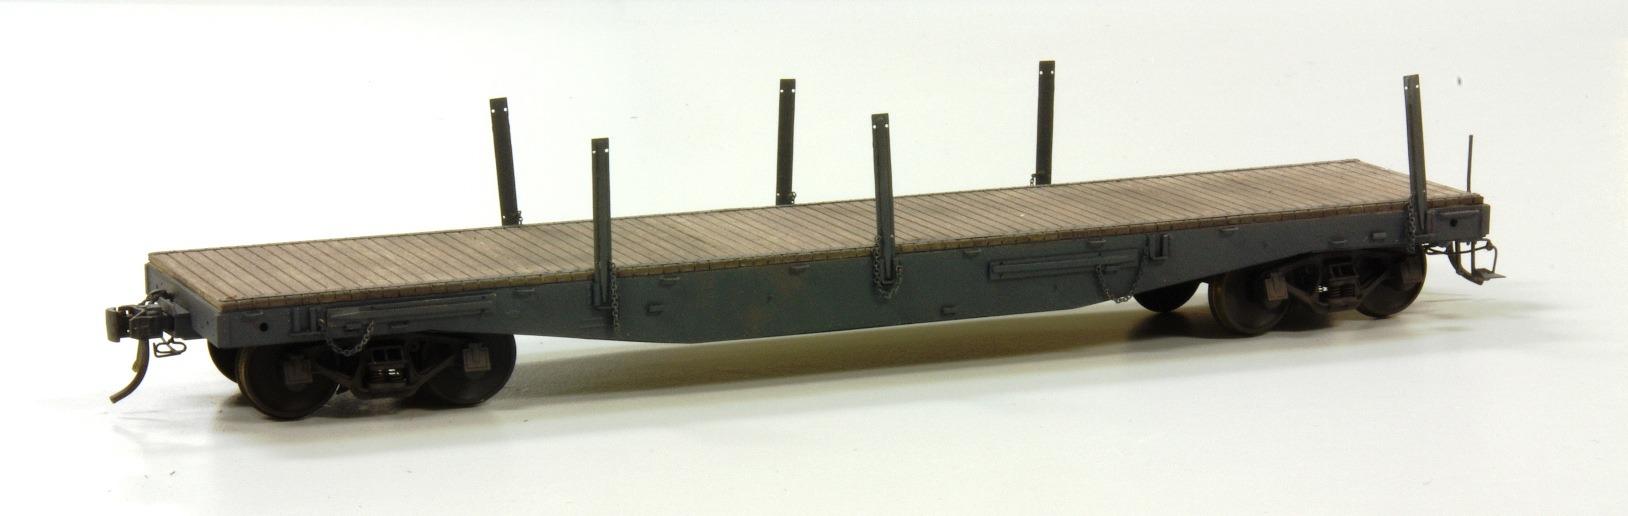 IMGP2365